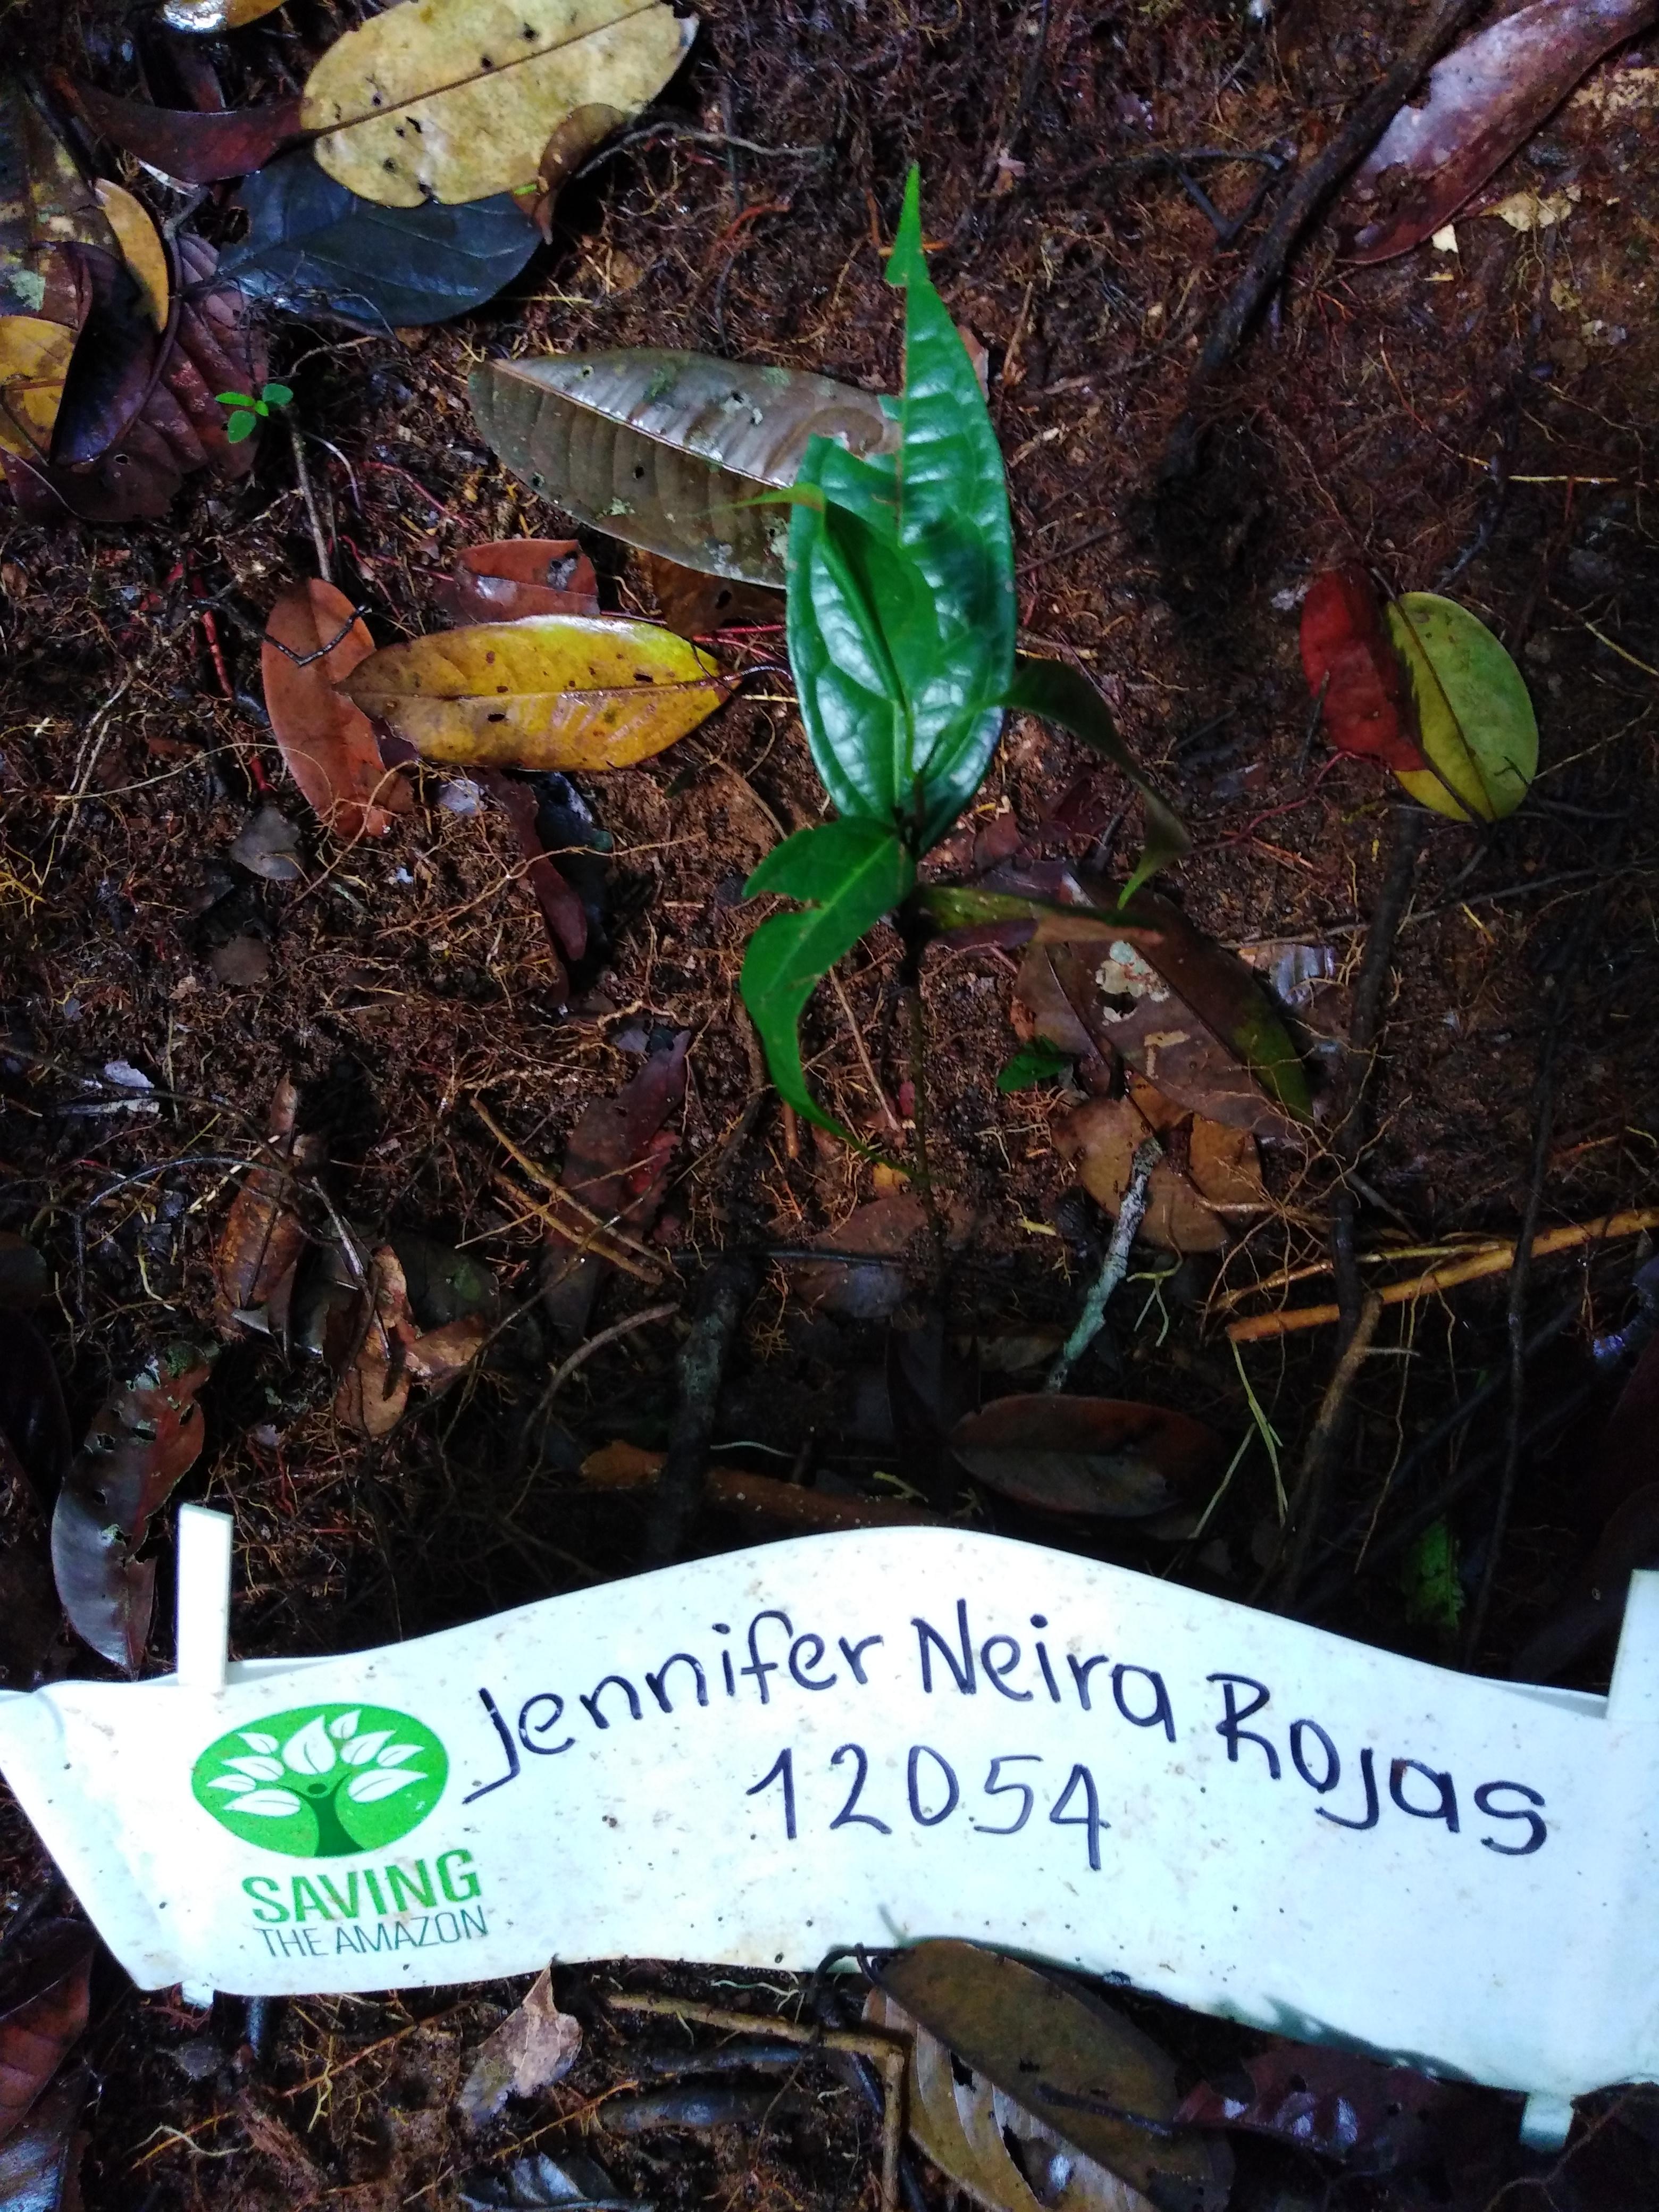 Jennifer Neira Rojas